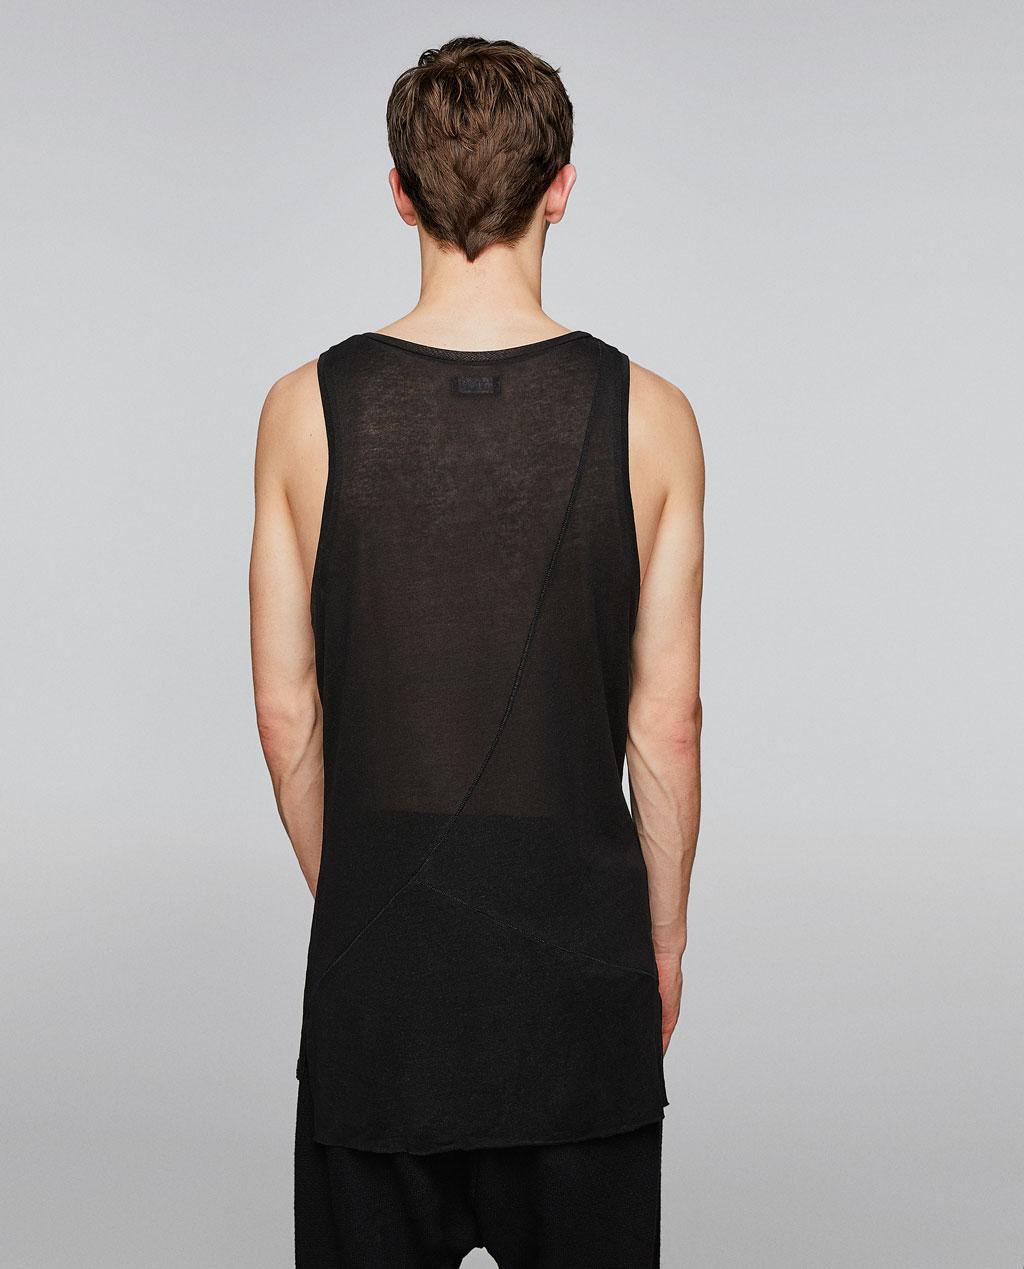 Thời trang nam Zara  23906 - ảnh 7